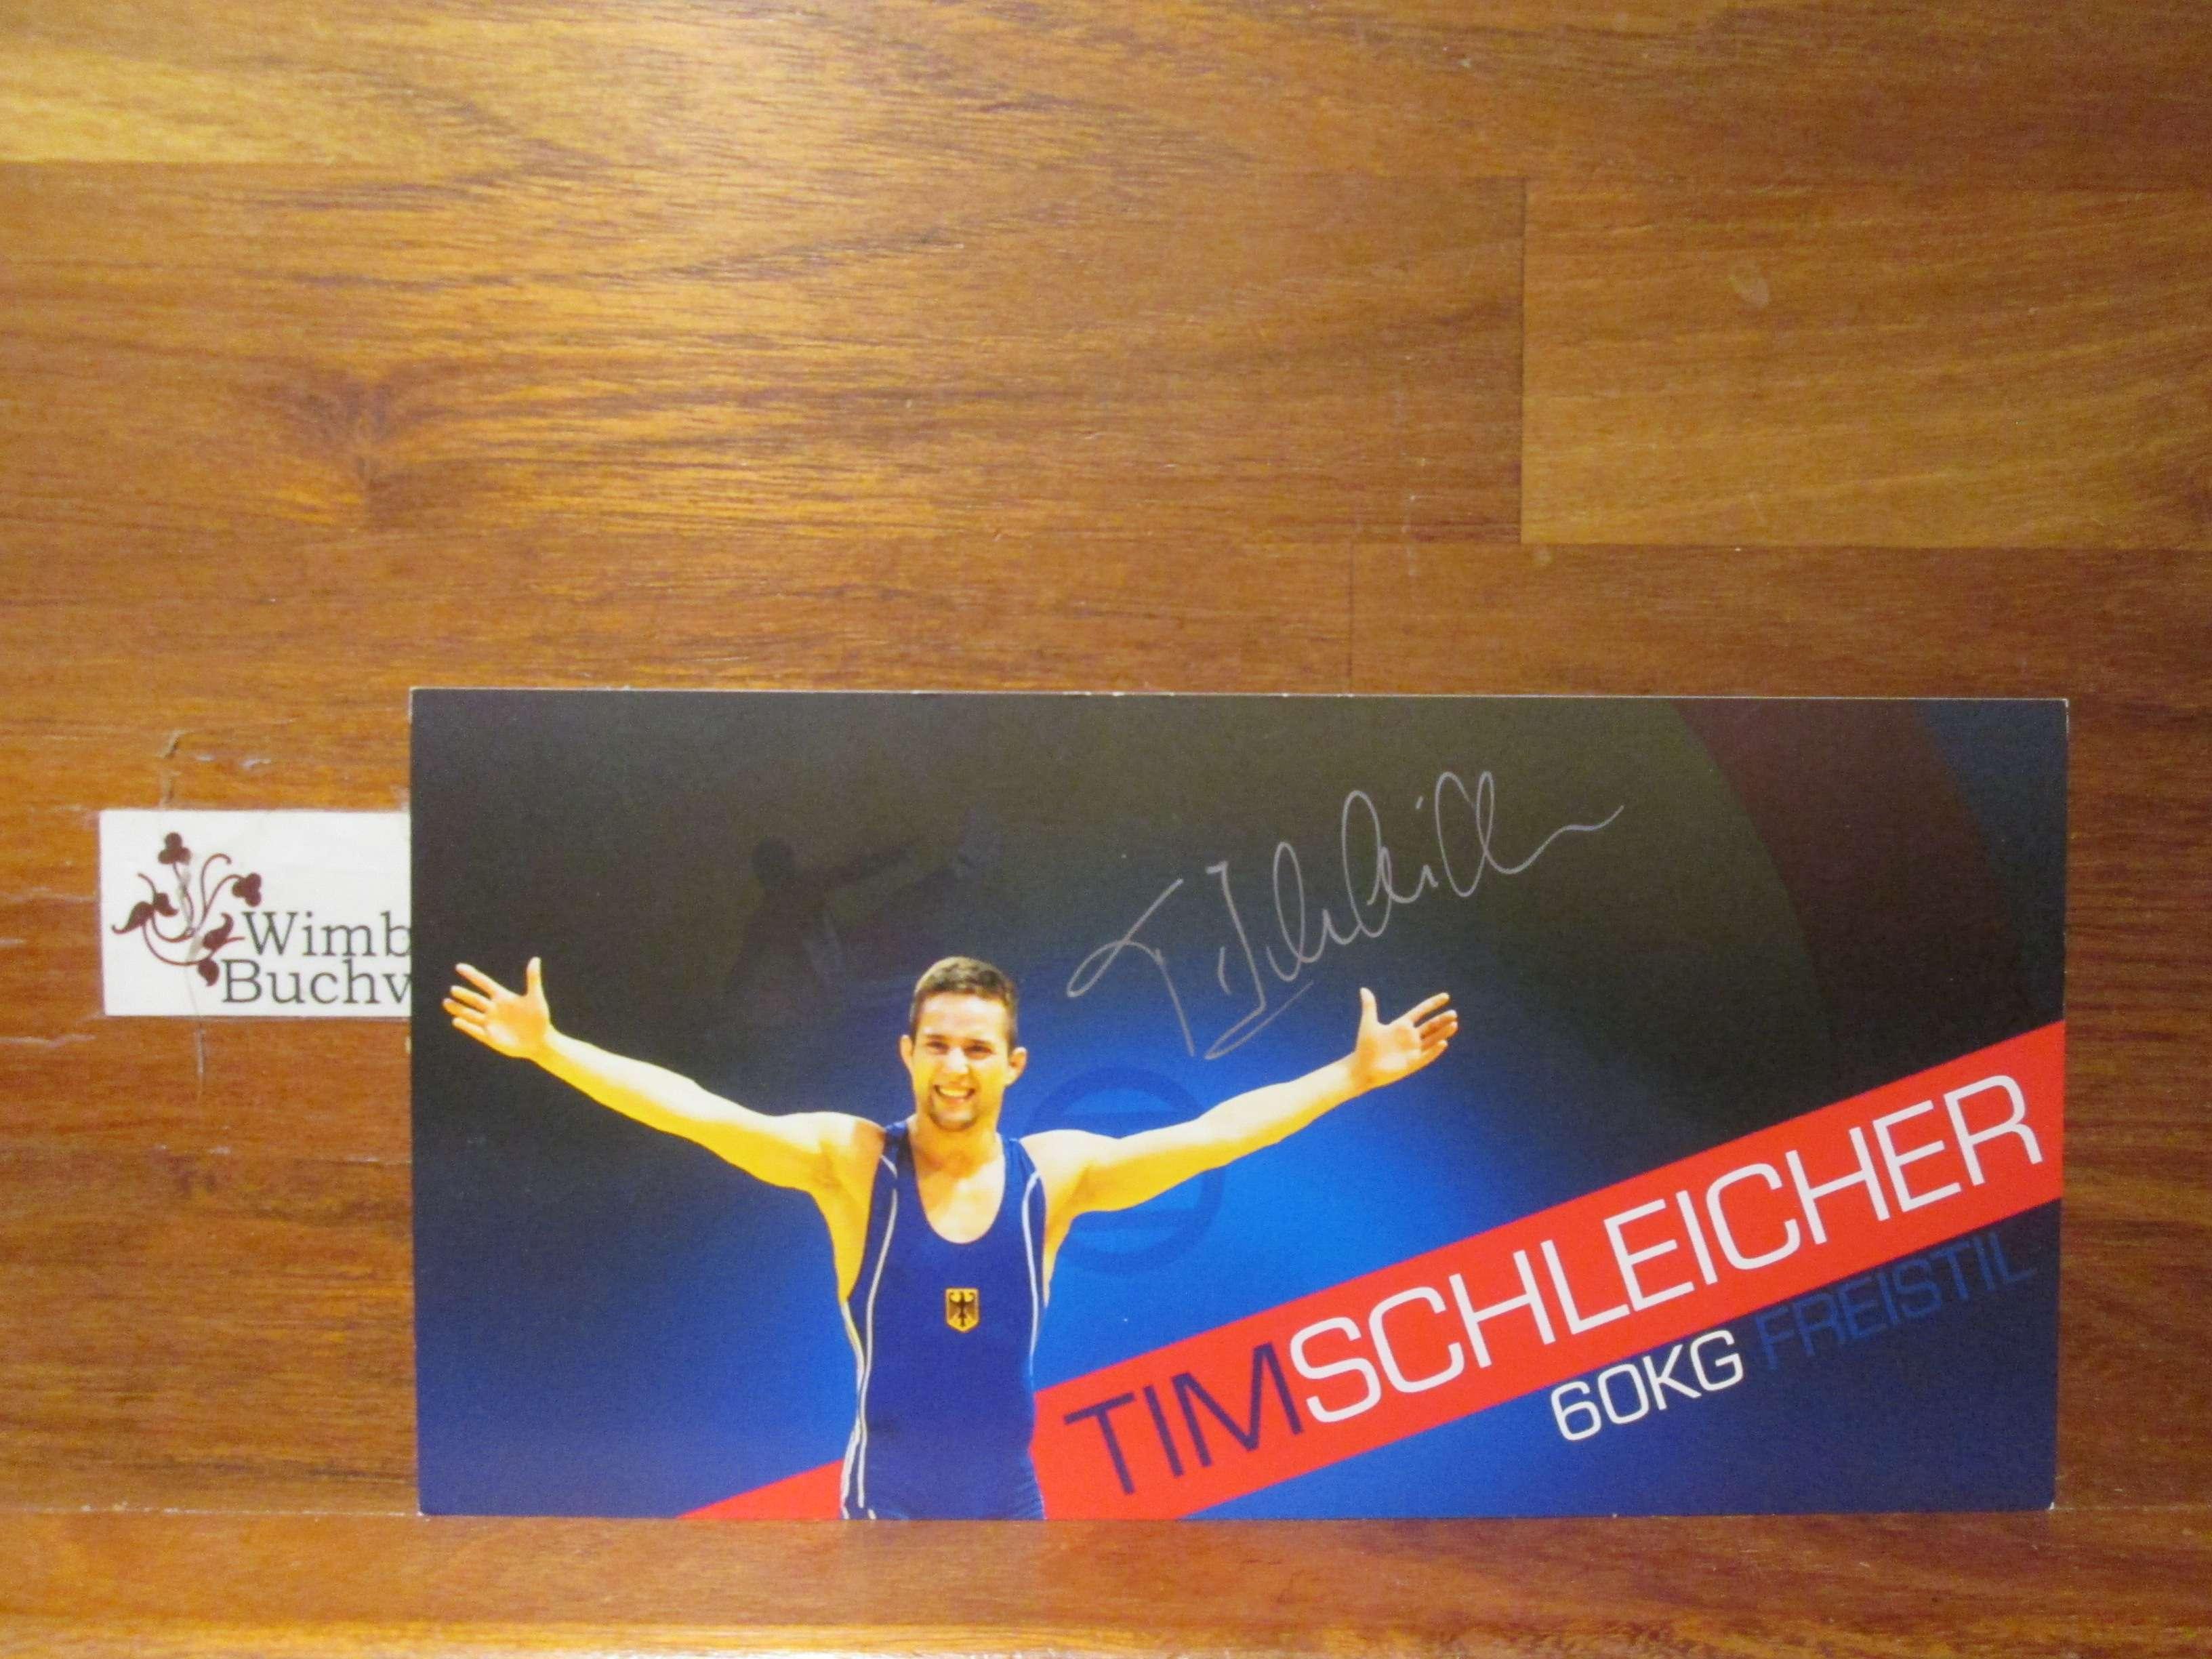 Original Autogramm Tim Schleicher Ringen /// Autogramm Autograph signiert signed signee